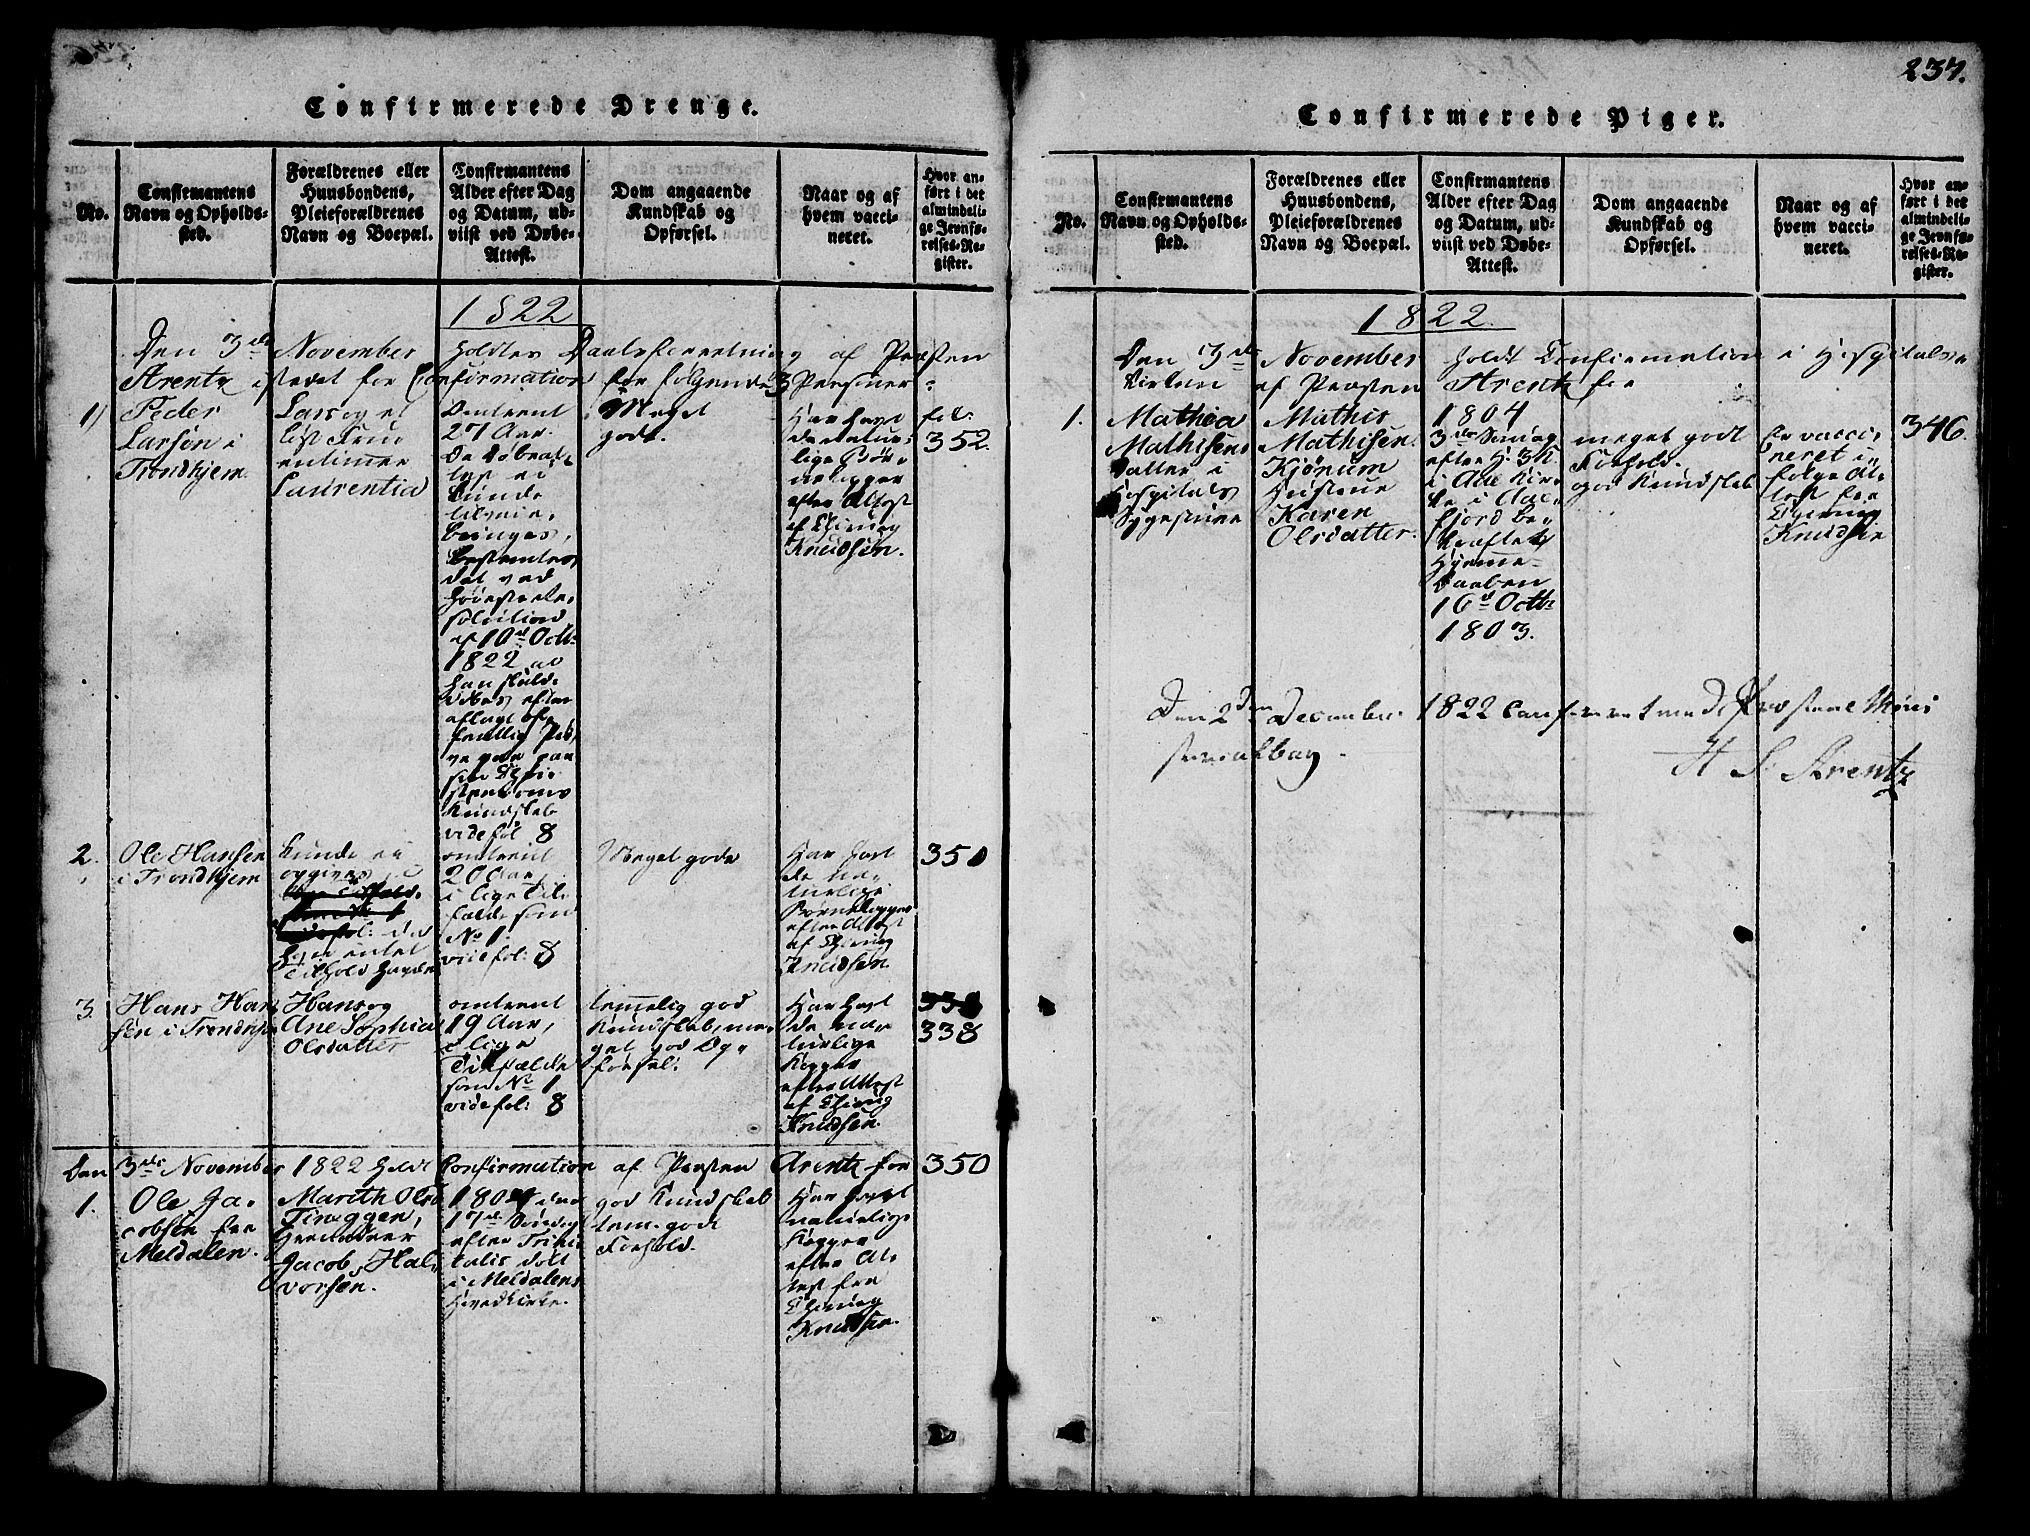 SAT, Ministerialprotokoller, klokkerbøker og fødselsregistre - Sør-Trøndelag, 623/L0478: Klokkerbok nr. 623C01, 1815-1873, s. 237